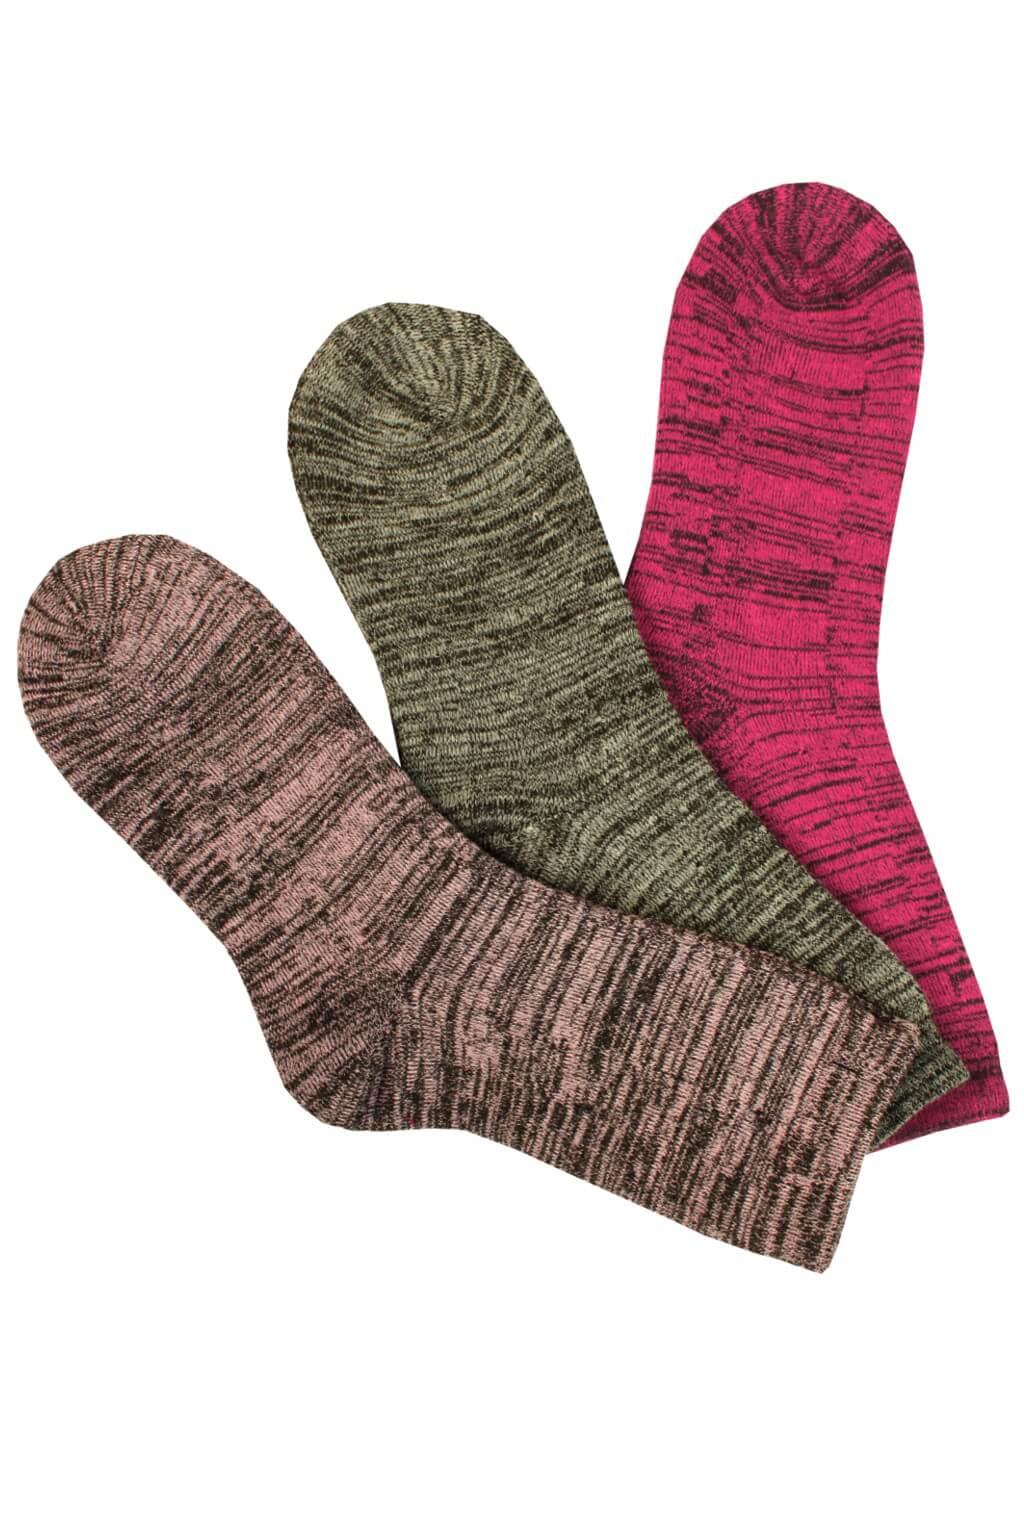 Dámské ponožky thermo WZT-002 - 3páry MIX 35-38 923a5f033d